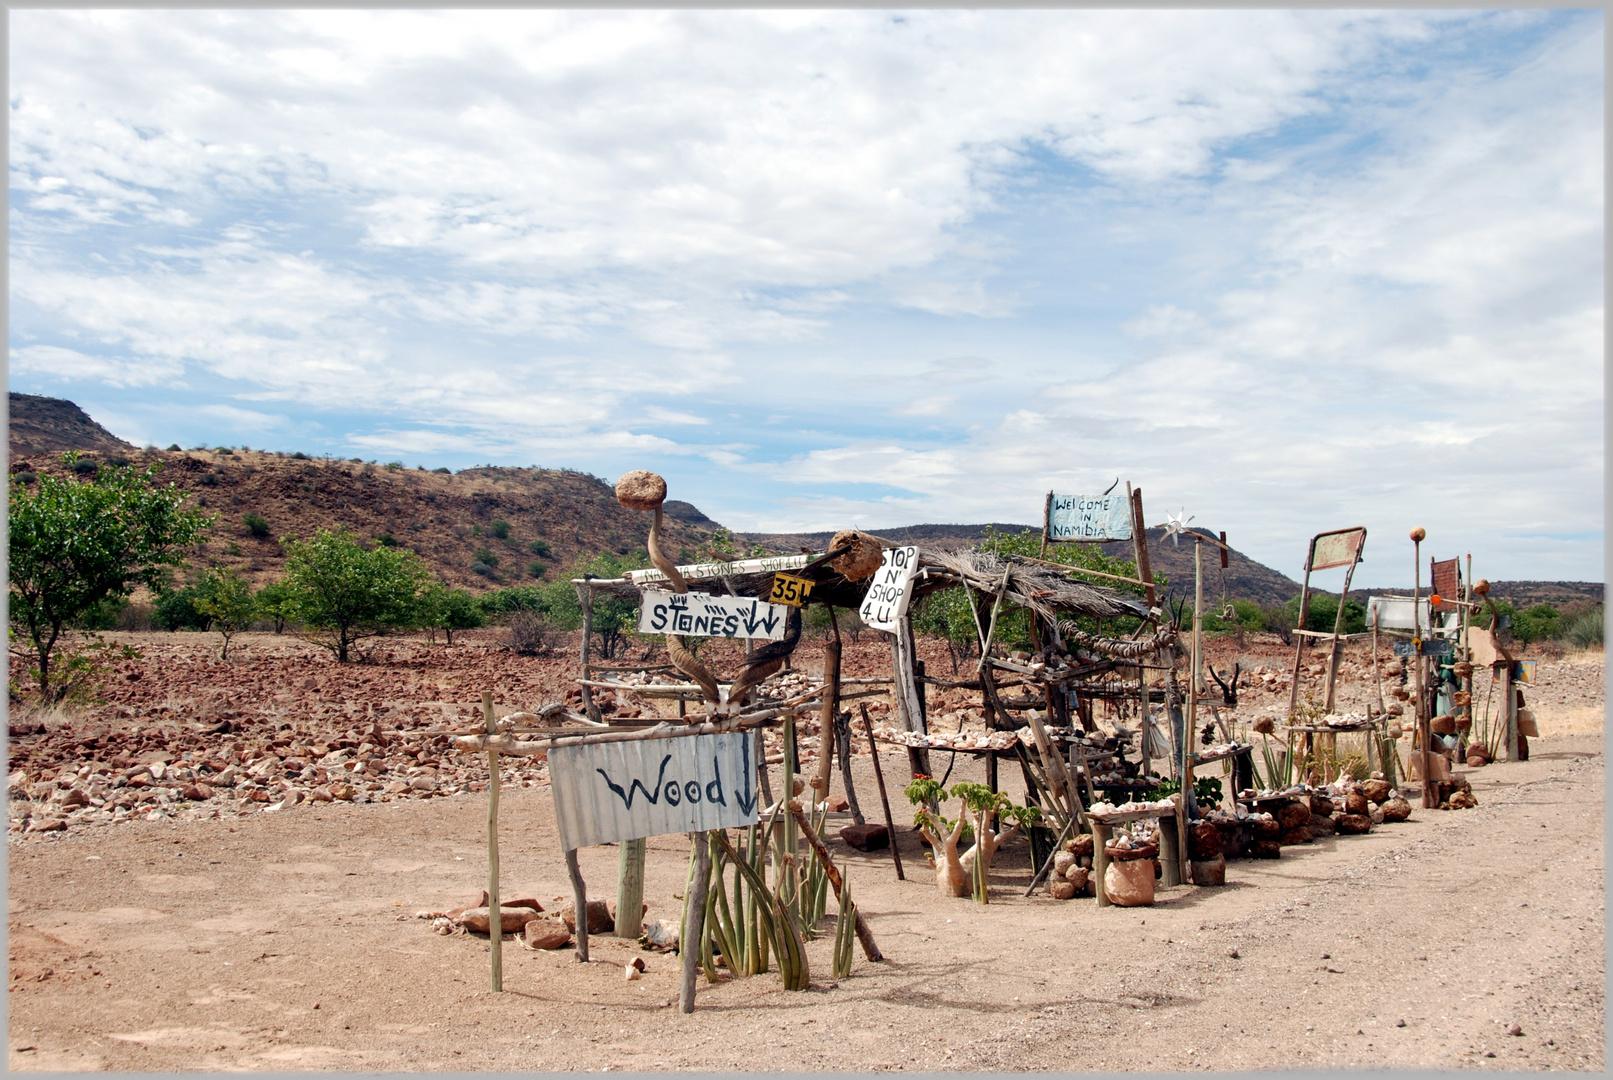 Shoppingcenter auf Namibisch ;-)